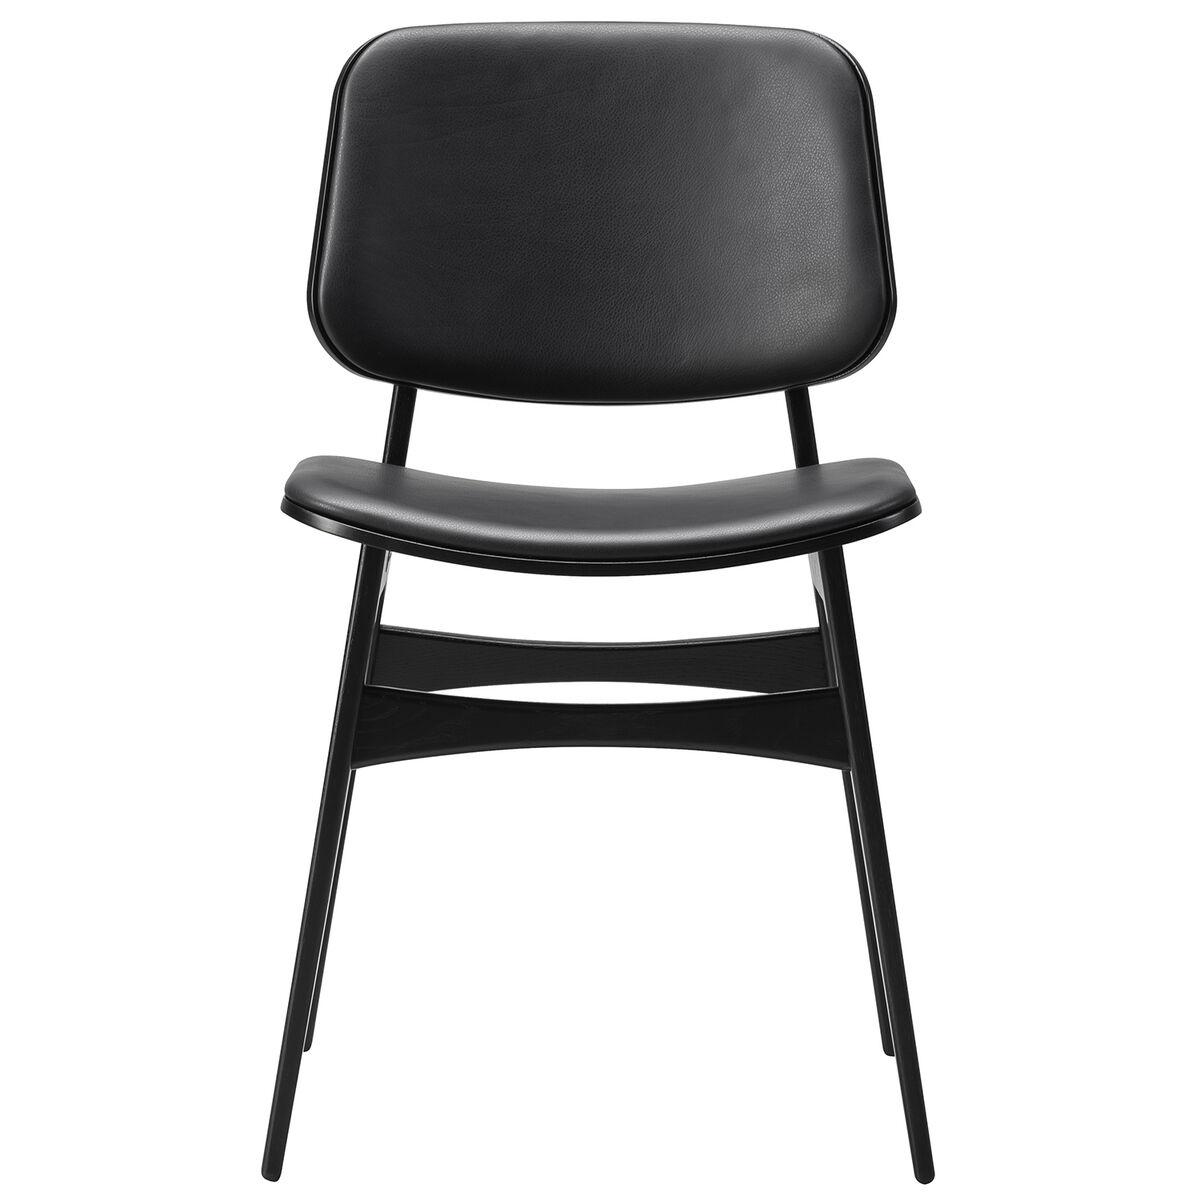 Fredericia S�borg tuoli 3052, puurunko, musta tammi - musta nahka